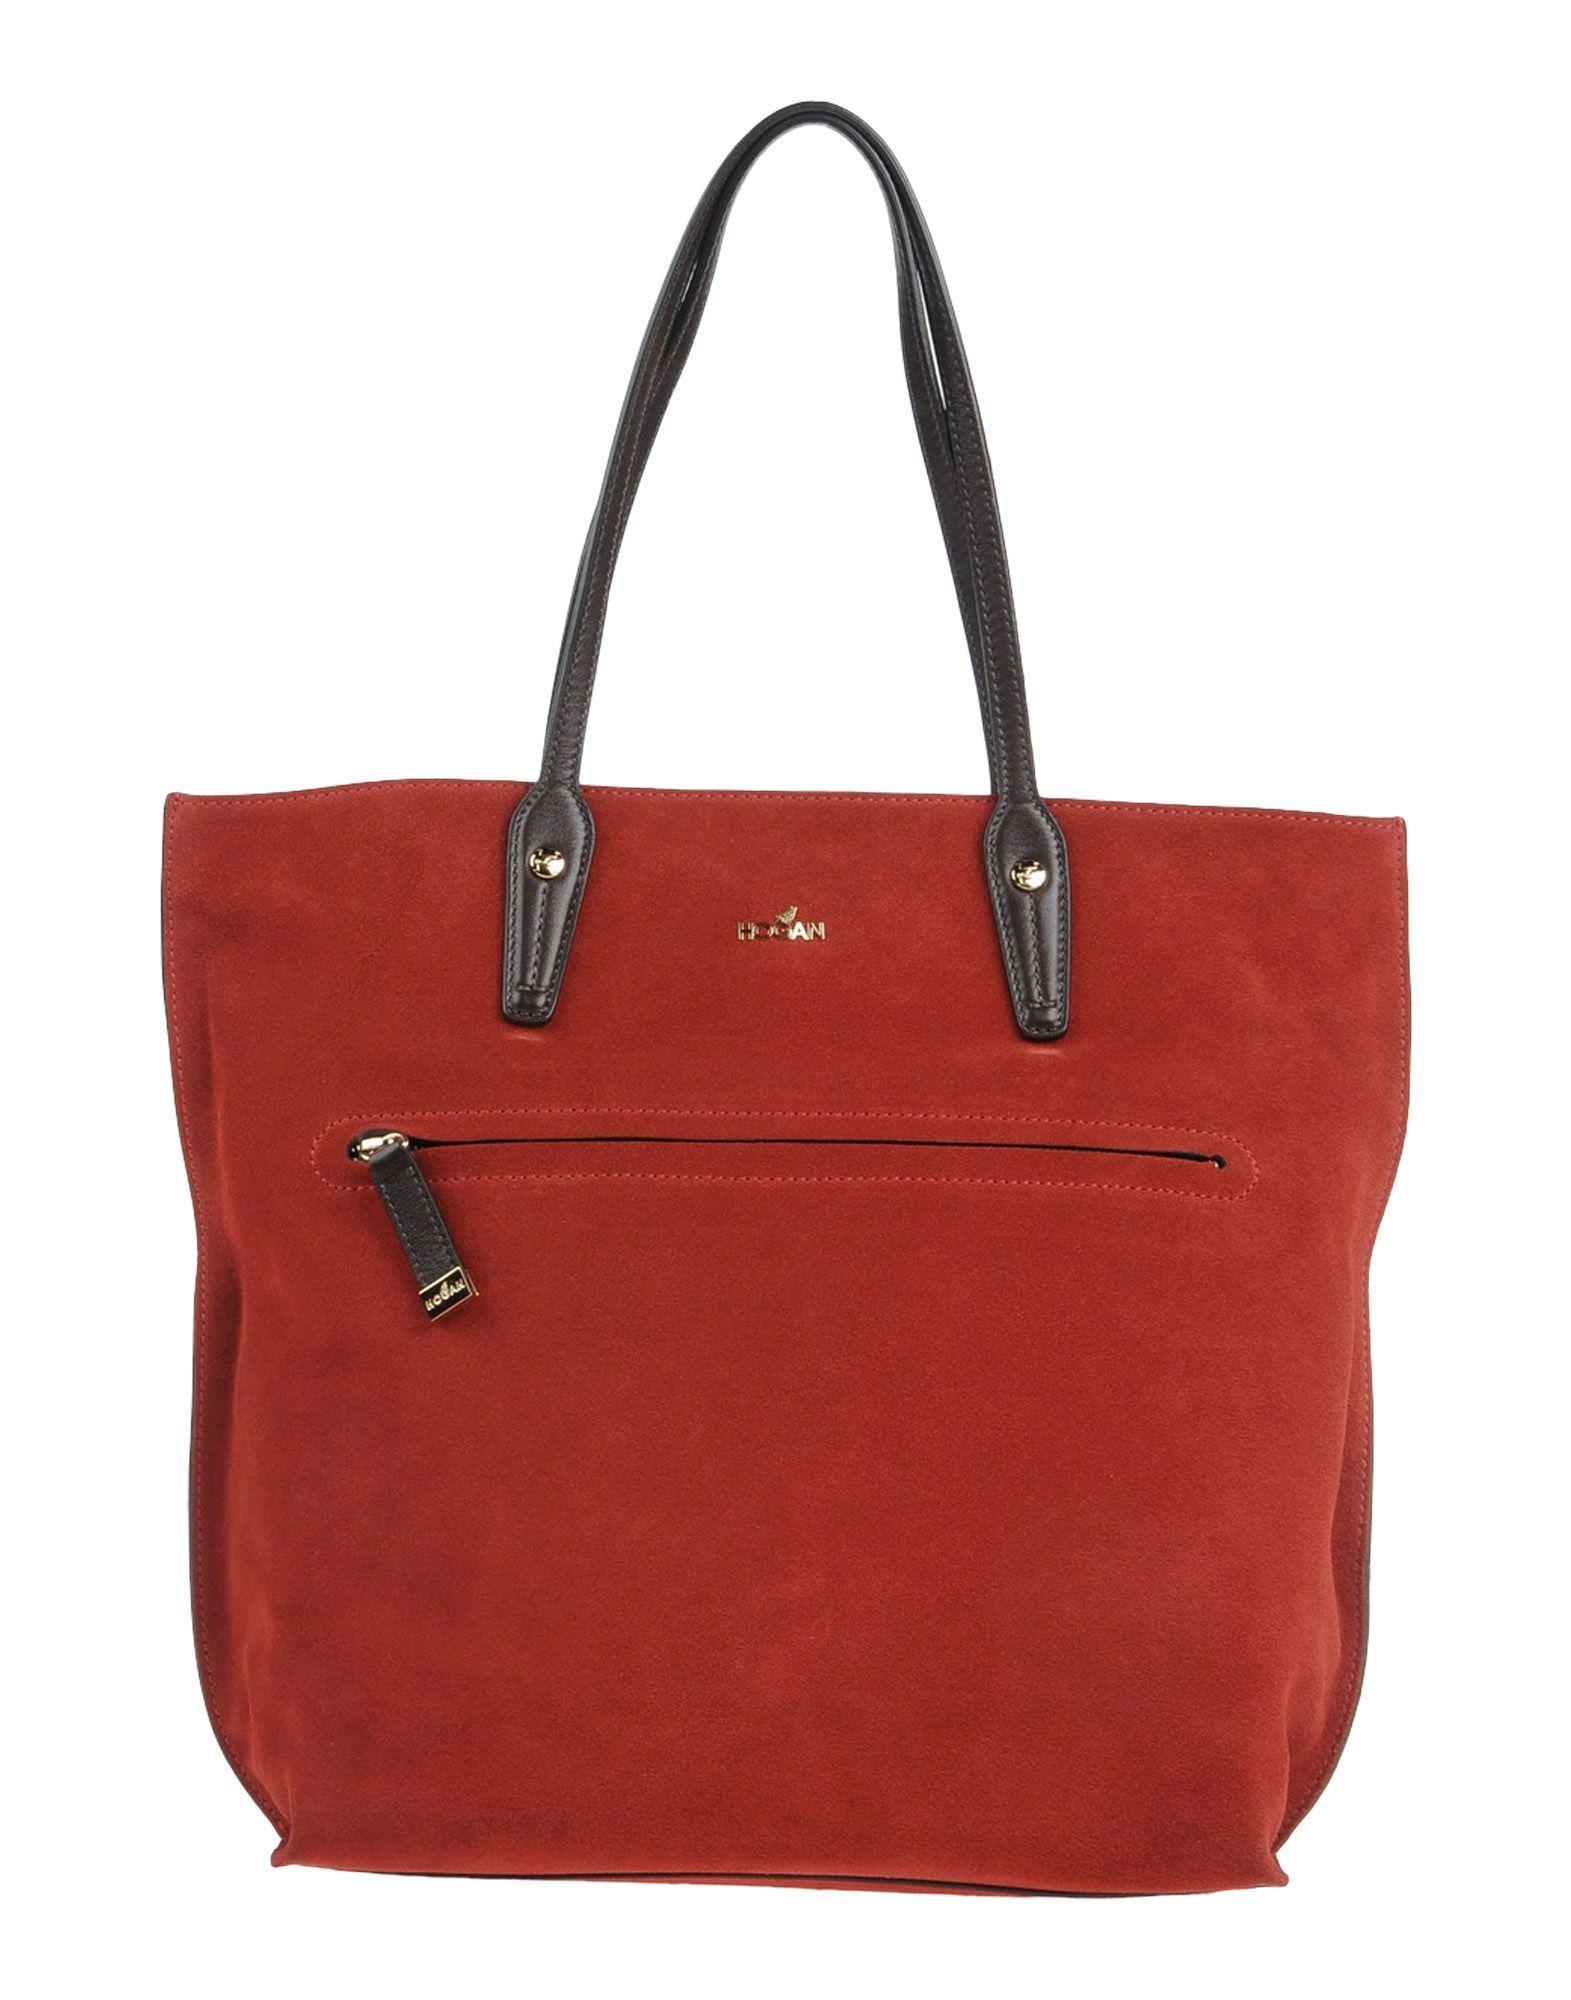 Hogan Handbag in Red